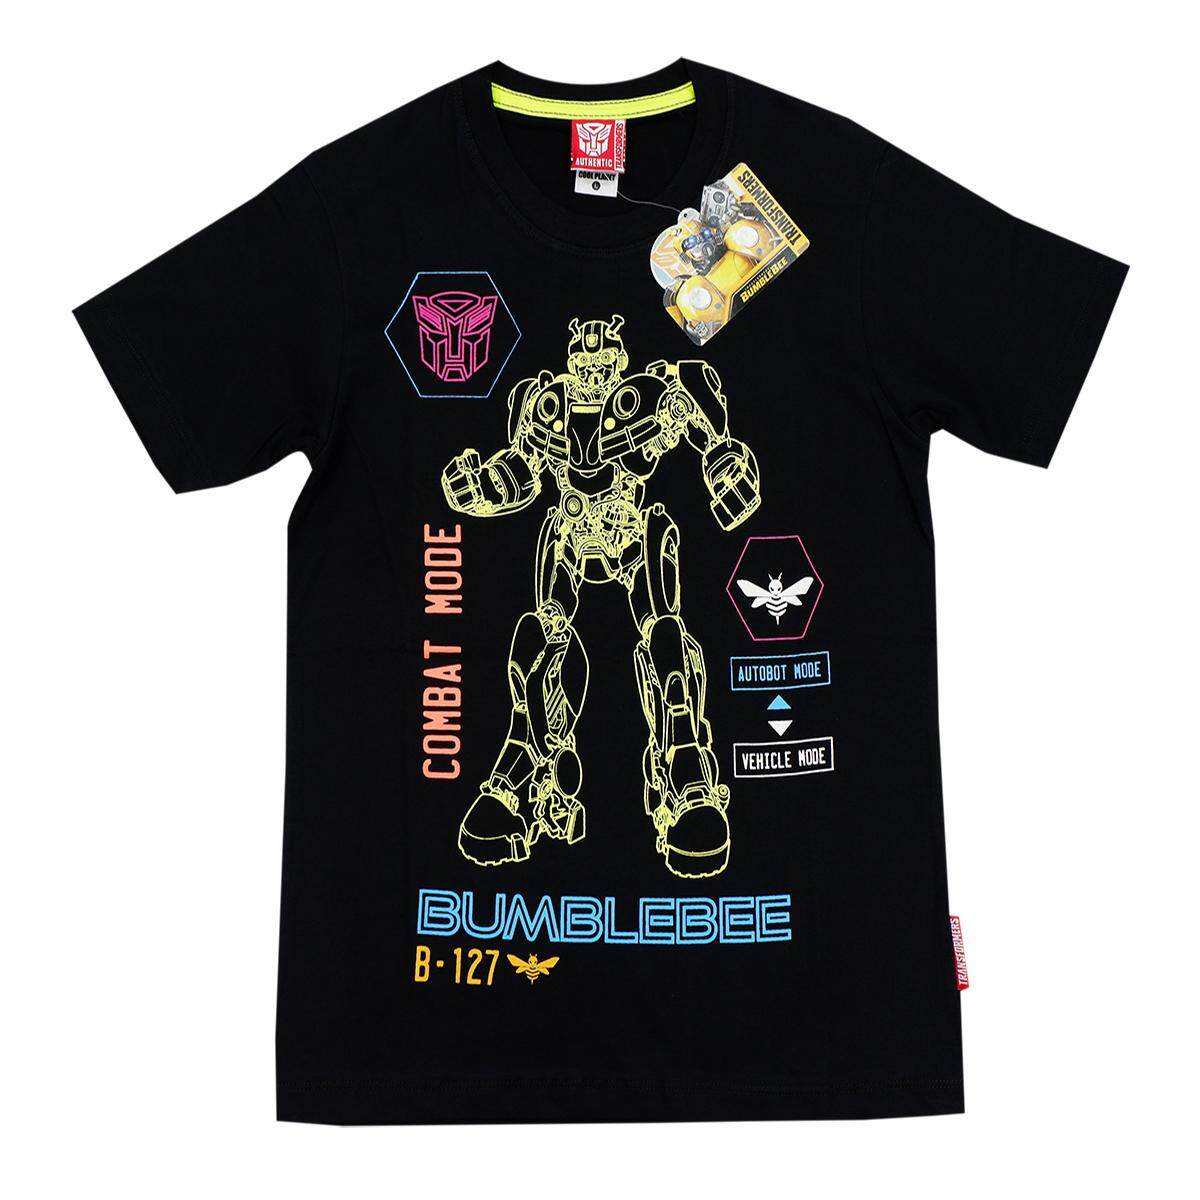 Cool Plus by Cool Planet T-Shirt เสื้อยืดเด็กลายบั้บเบิ้ลบี ลายสีสะท้อนแสง ผ้า Cotton 100% สีดำ ขนาด S-XL